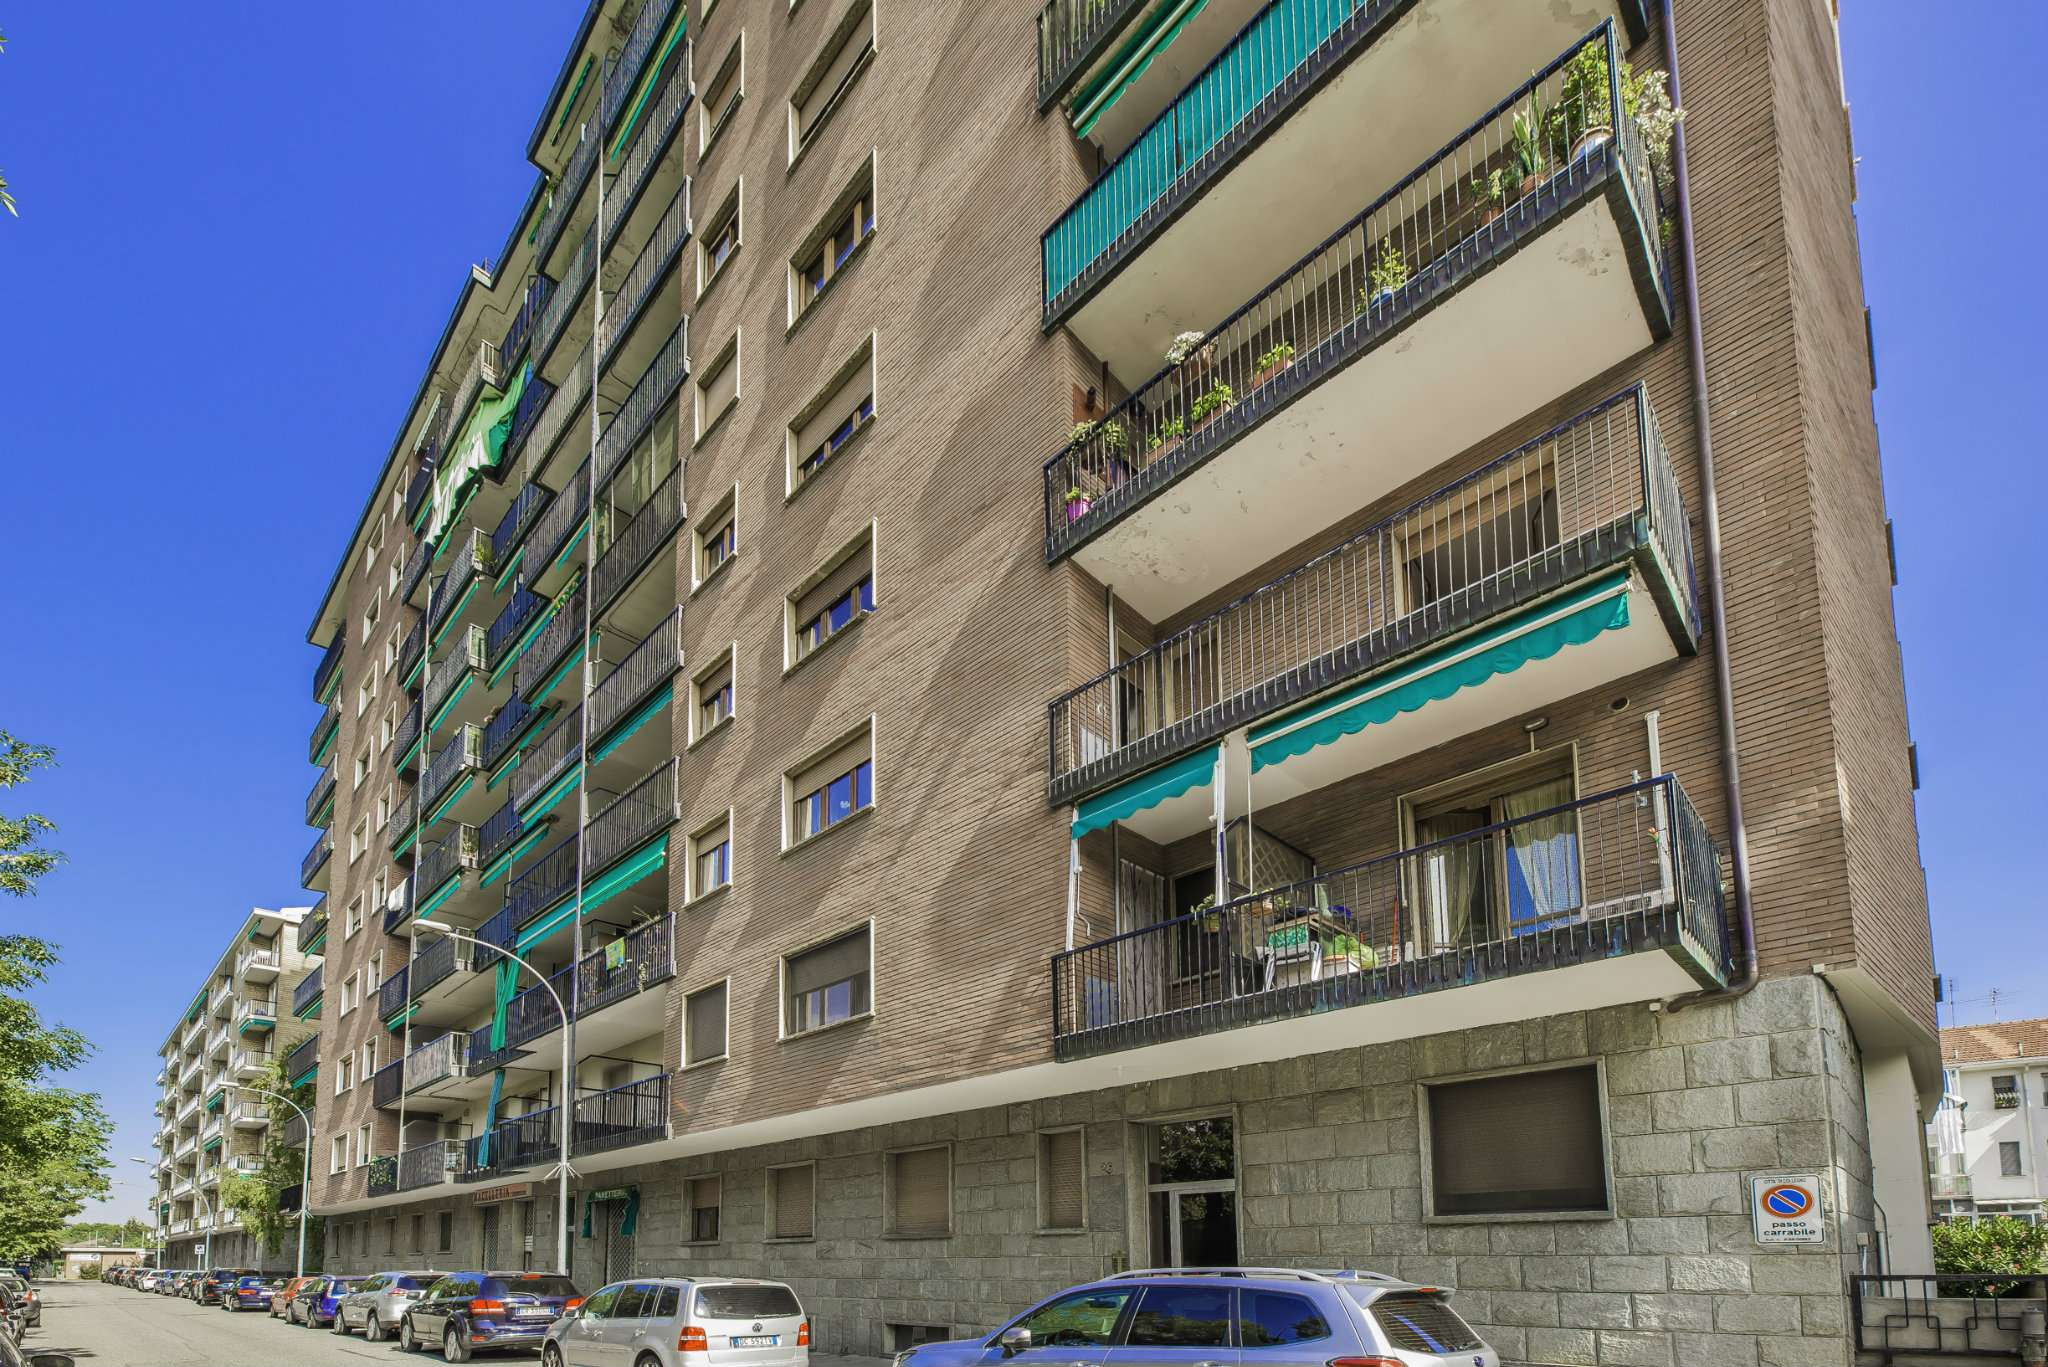 Negozio / Locale in vendita a Collegno, 3 locali, prezzo € 63.000 | PortaleAgenzieImmobiliari.it